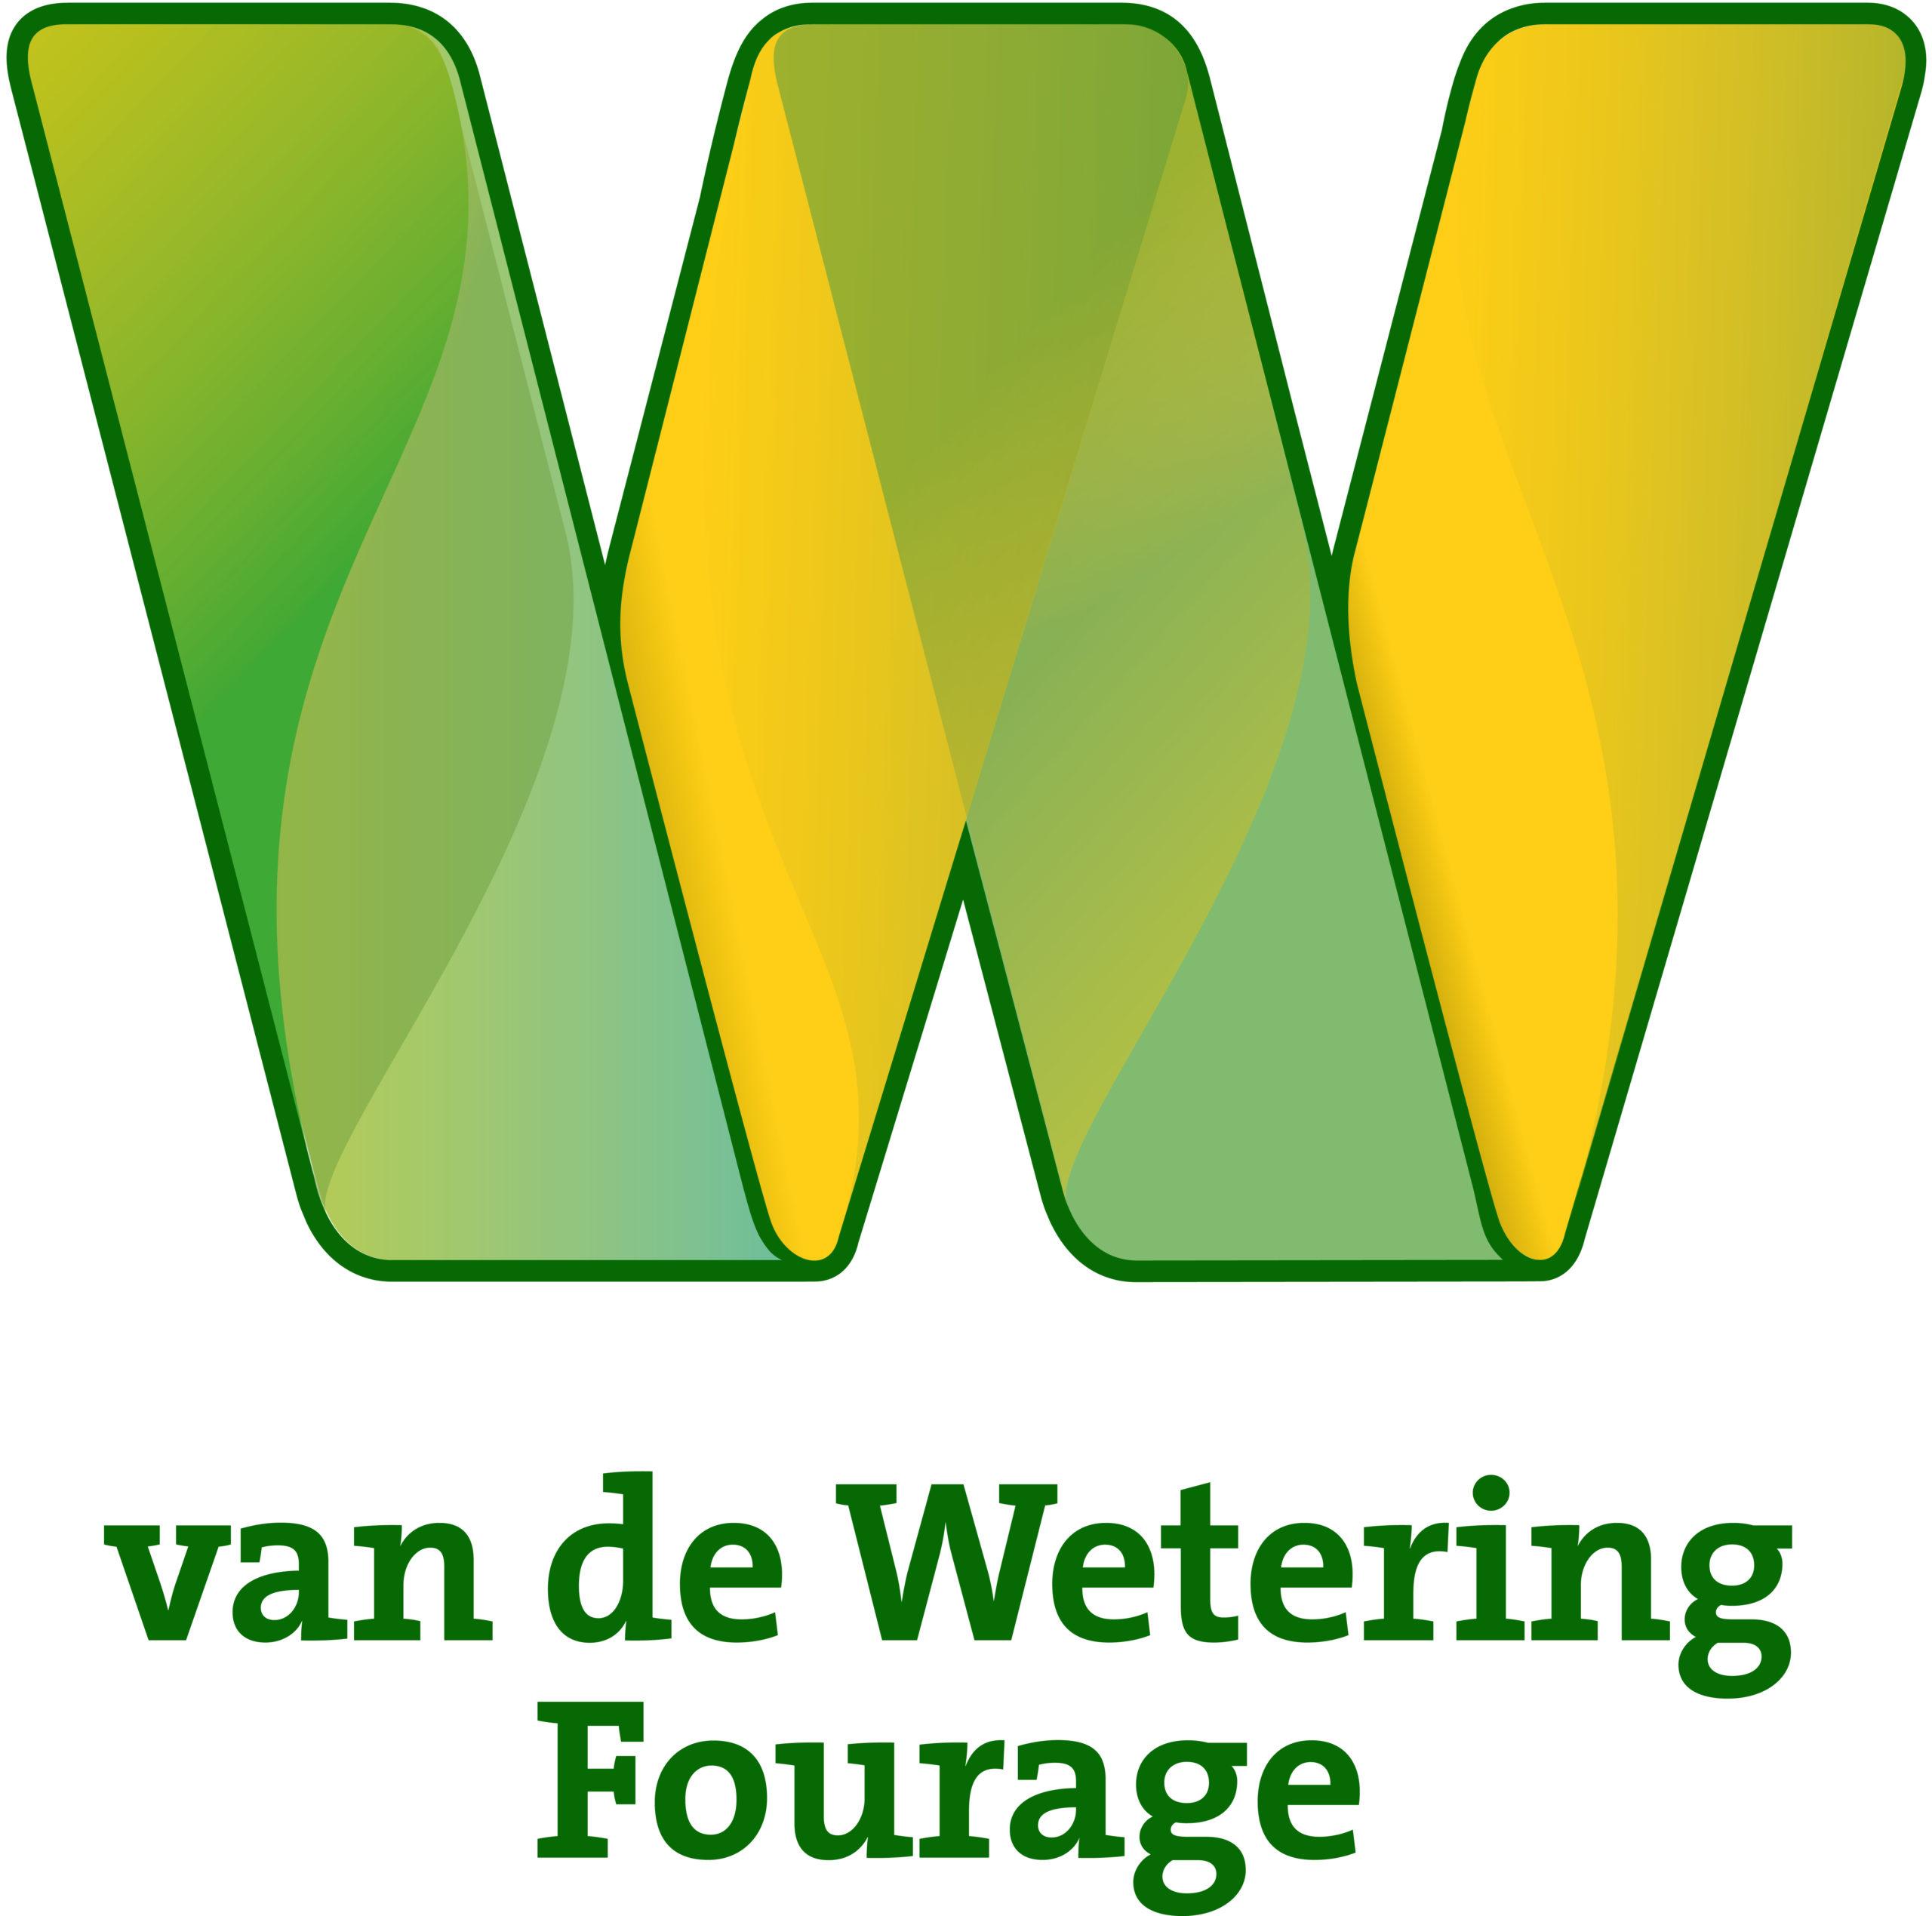 Van de Wetering Fourage